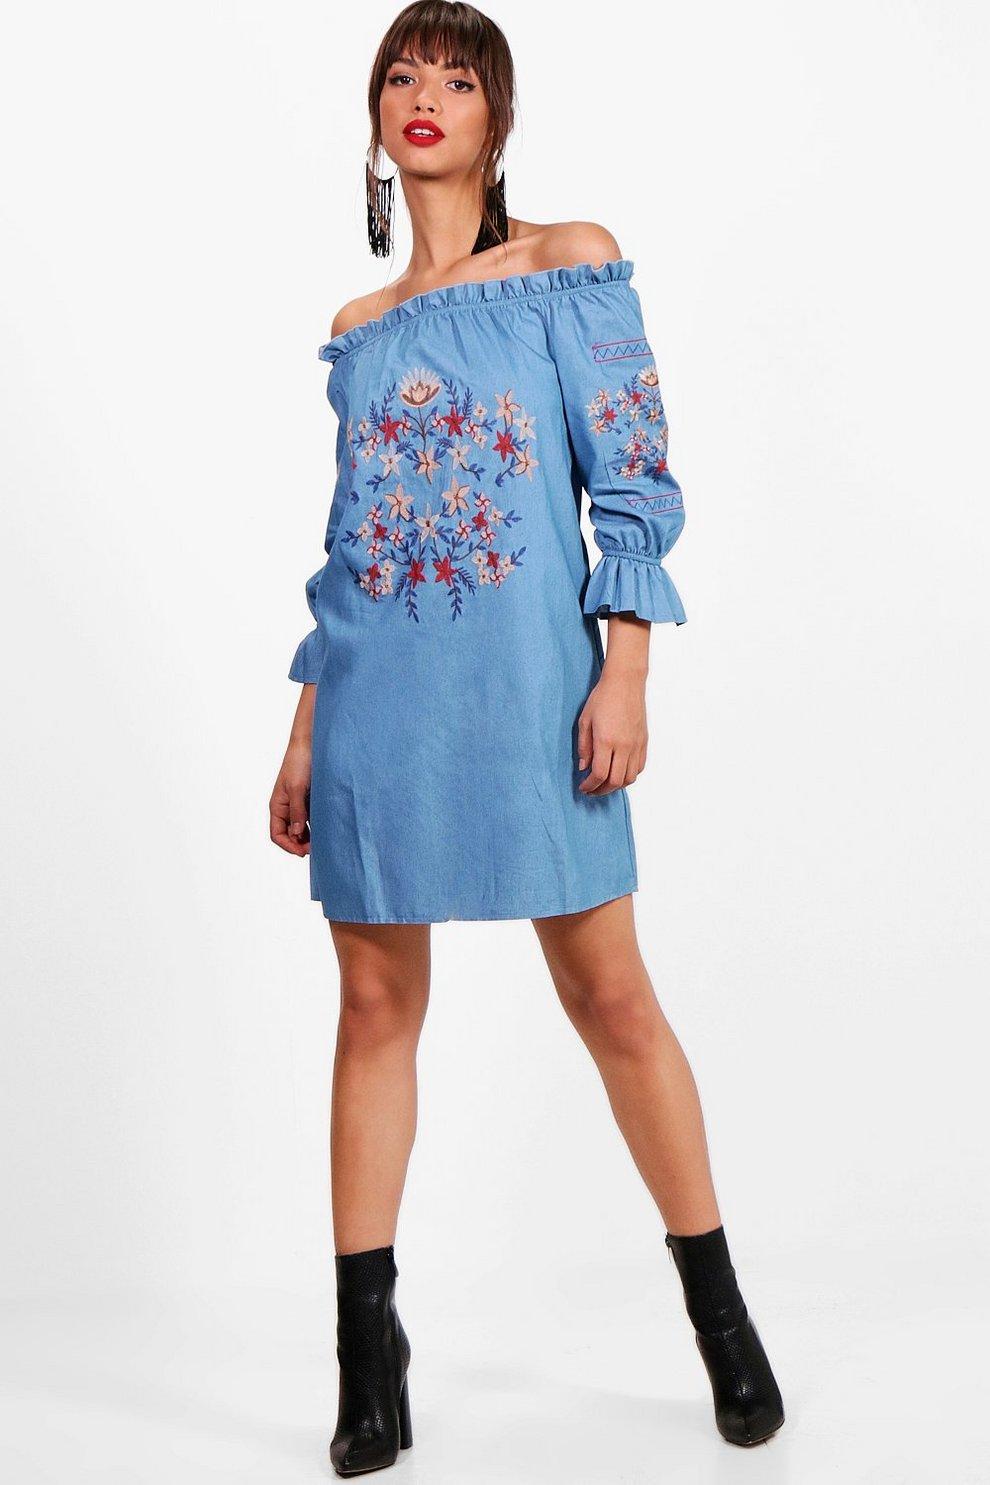 9d34532389 Off The Shoulder Embroidery Denim Dress